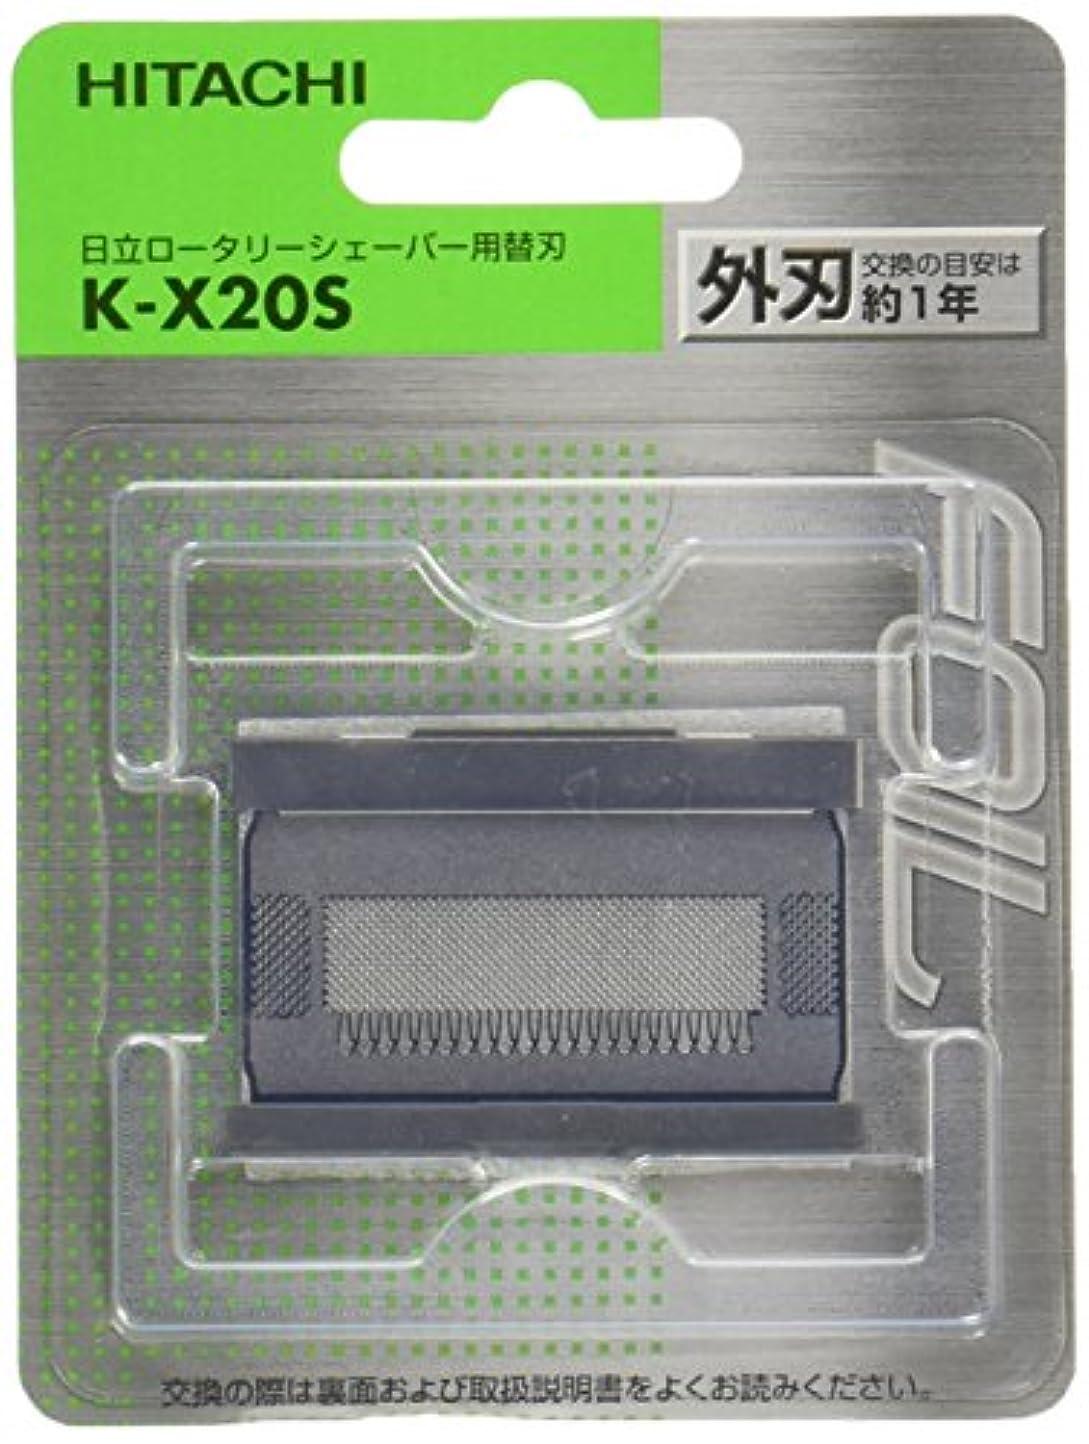 惨めな混沌略奪日立 替刃 外刃 K-X20S